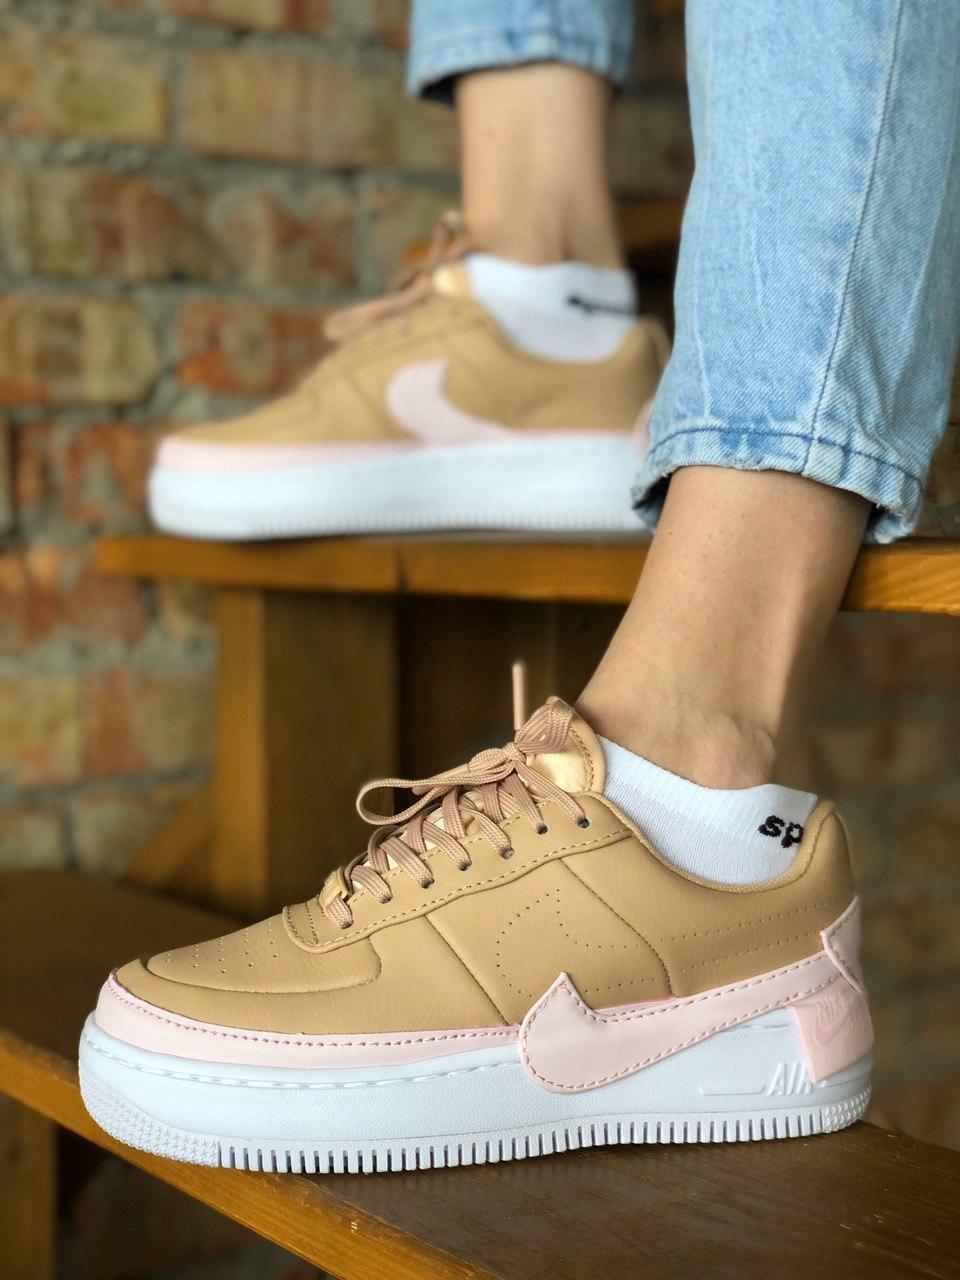 Женские кроссовки Nike Air Force, Реплика